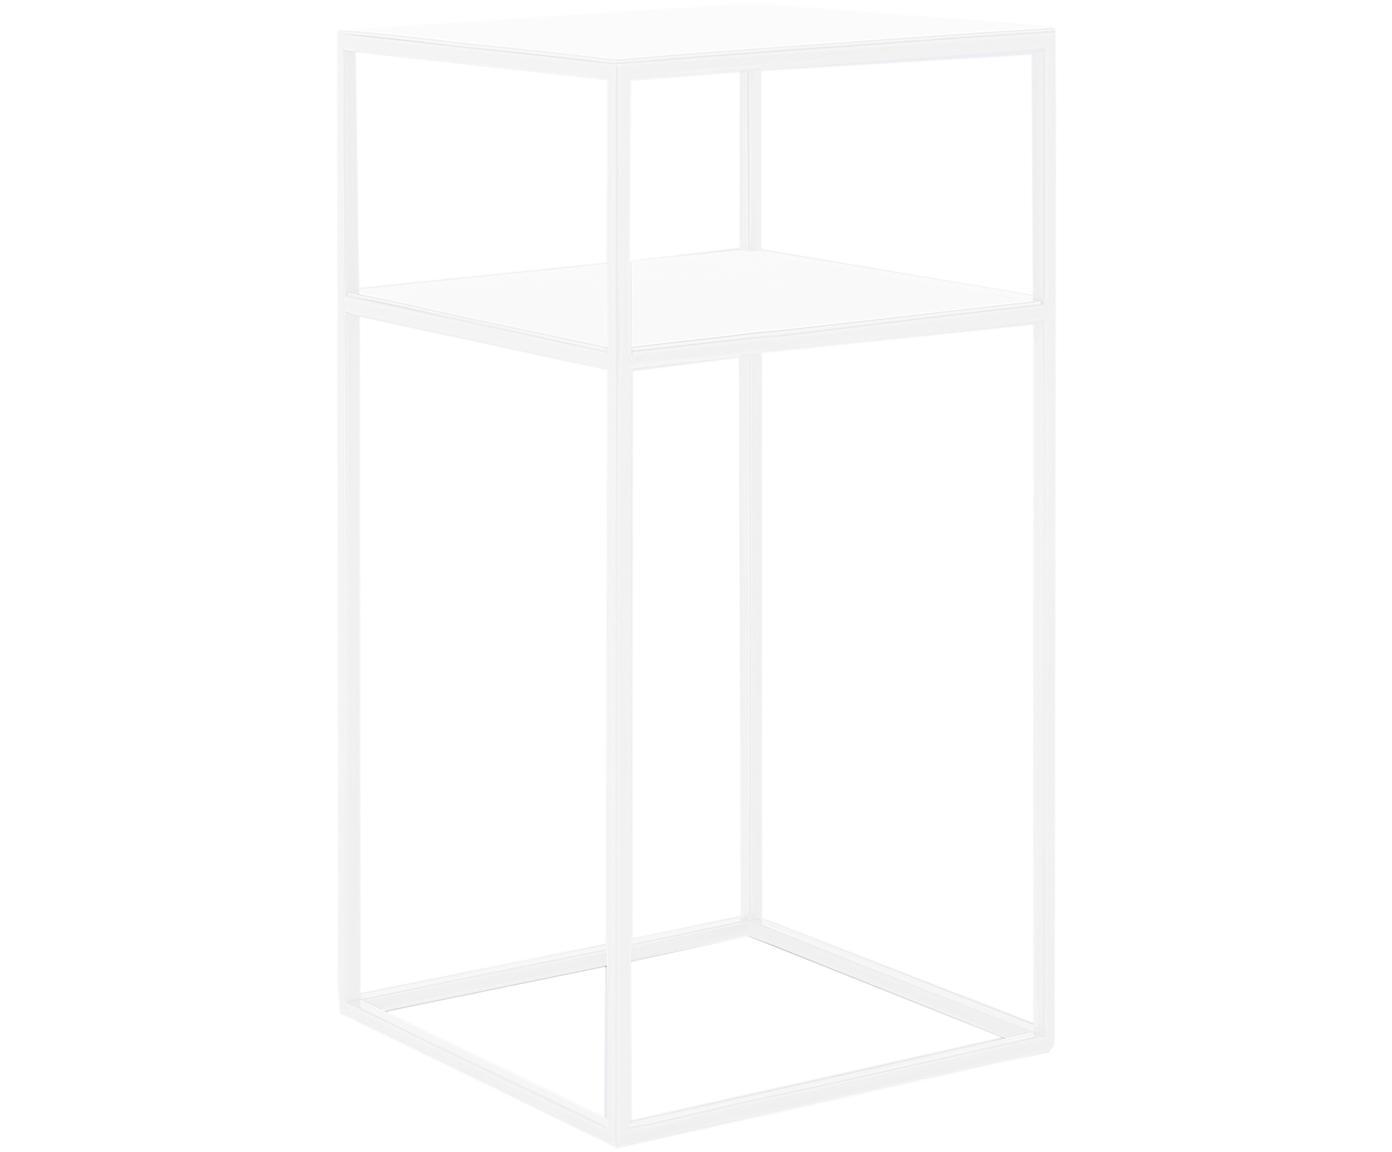 Metall-Beistelltisch Tensio Oli in Weiß, Metall, pulverbeschichtet, Weiß, B 30 x T 30 cm